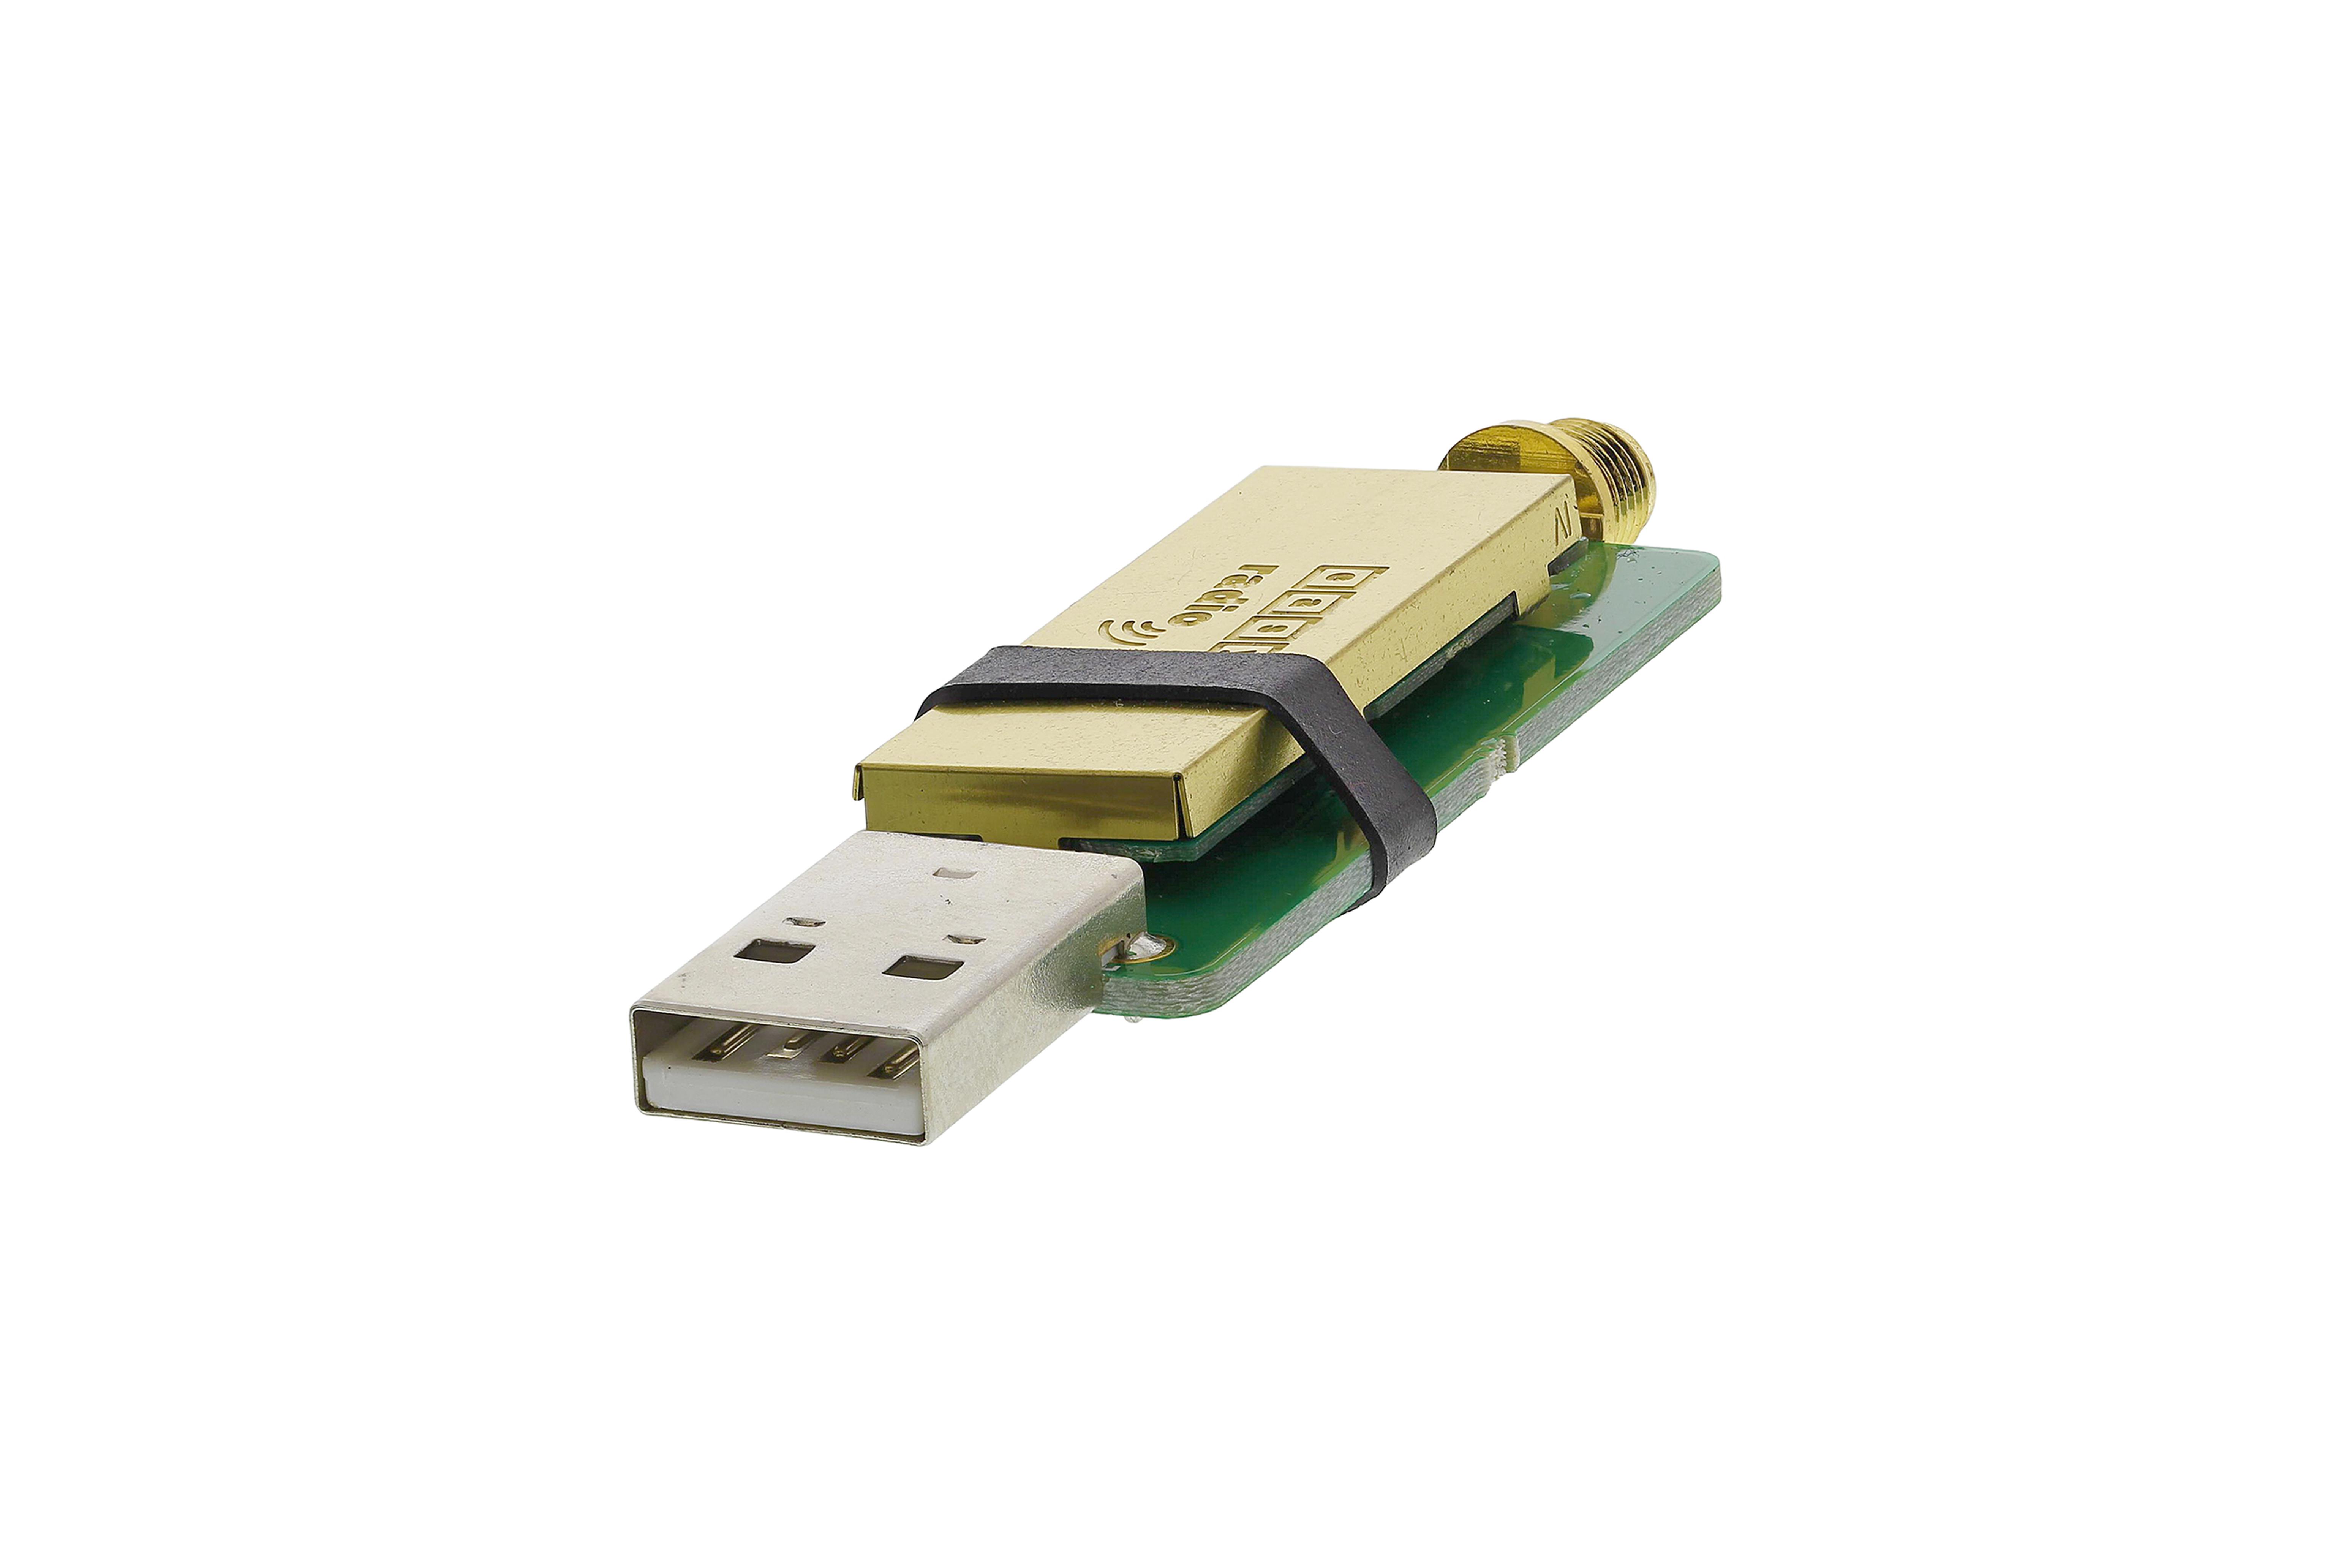 EASYRADIO, LPRS, ERA-CONNECT2-PI-400